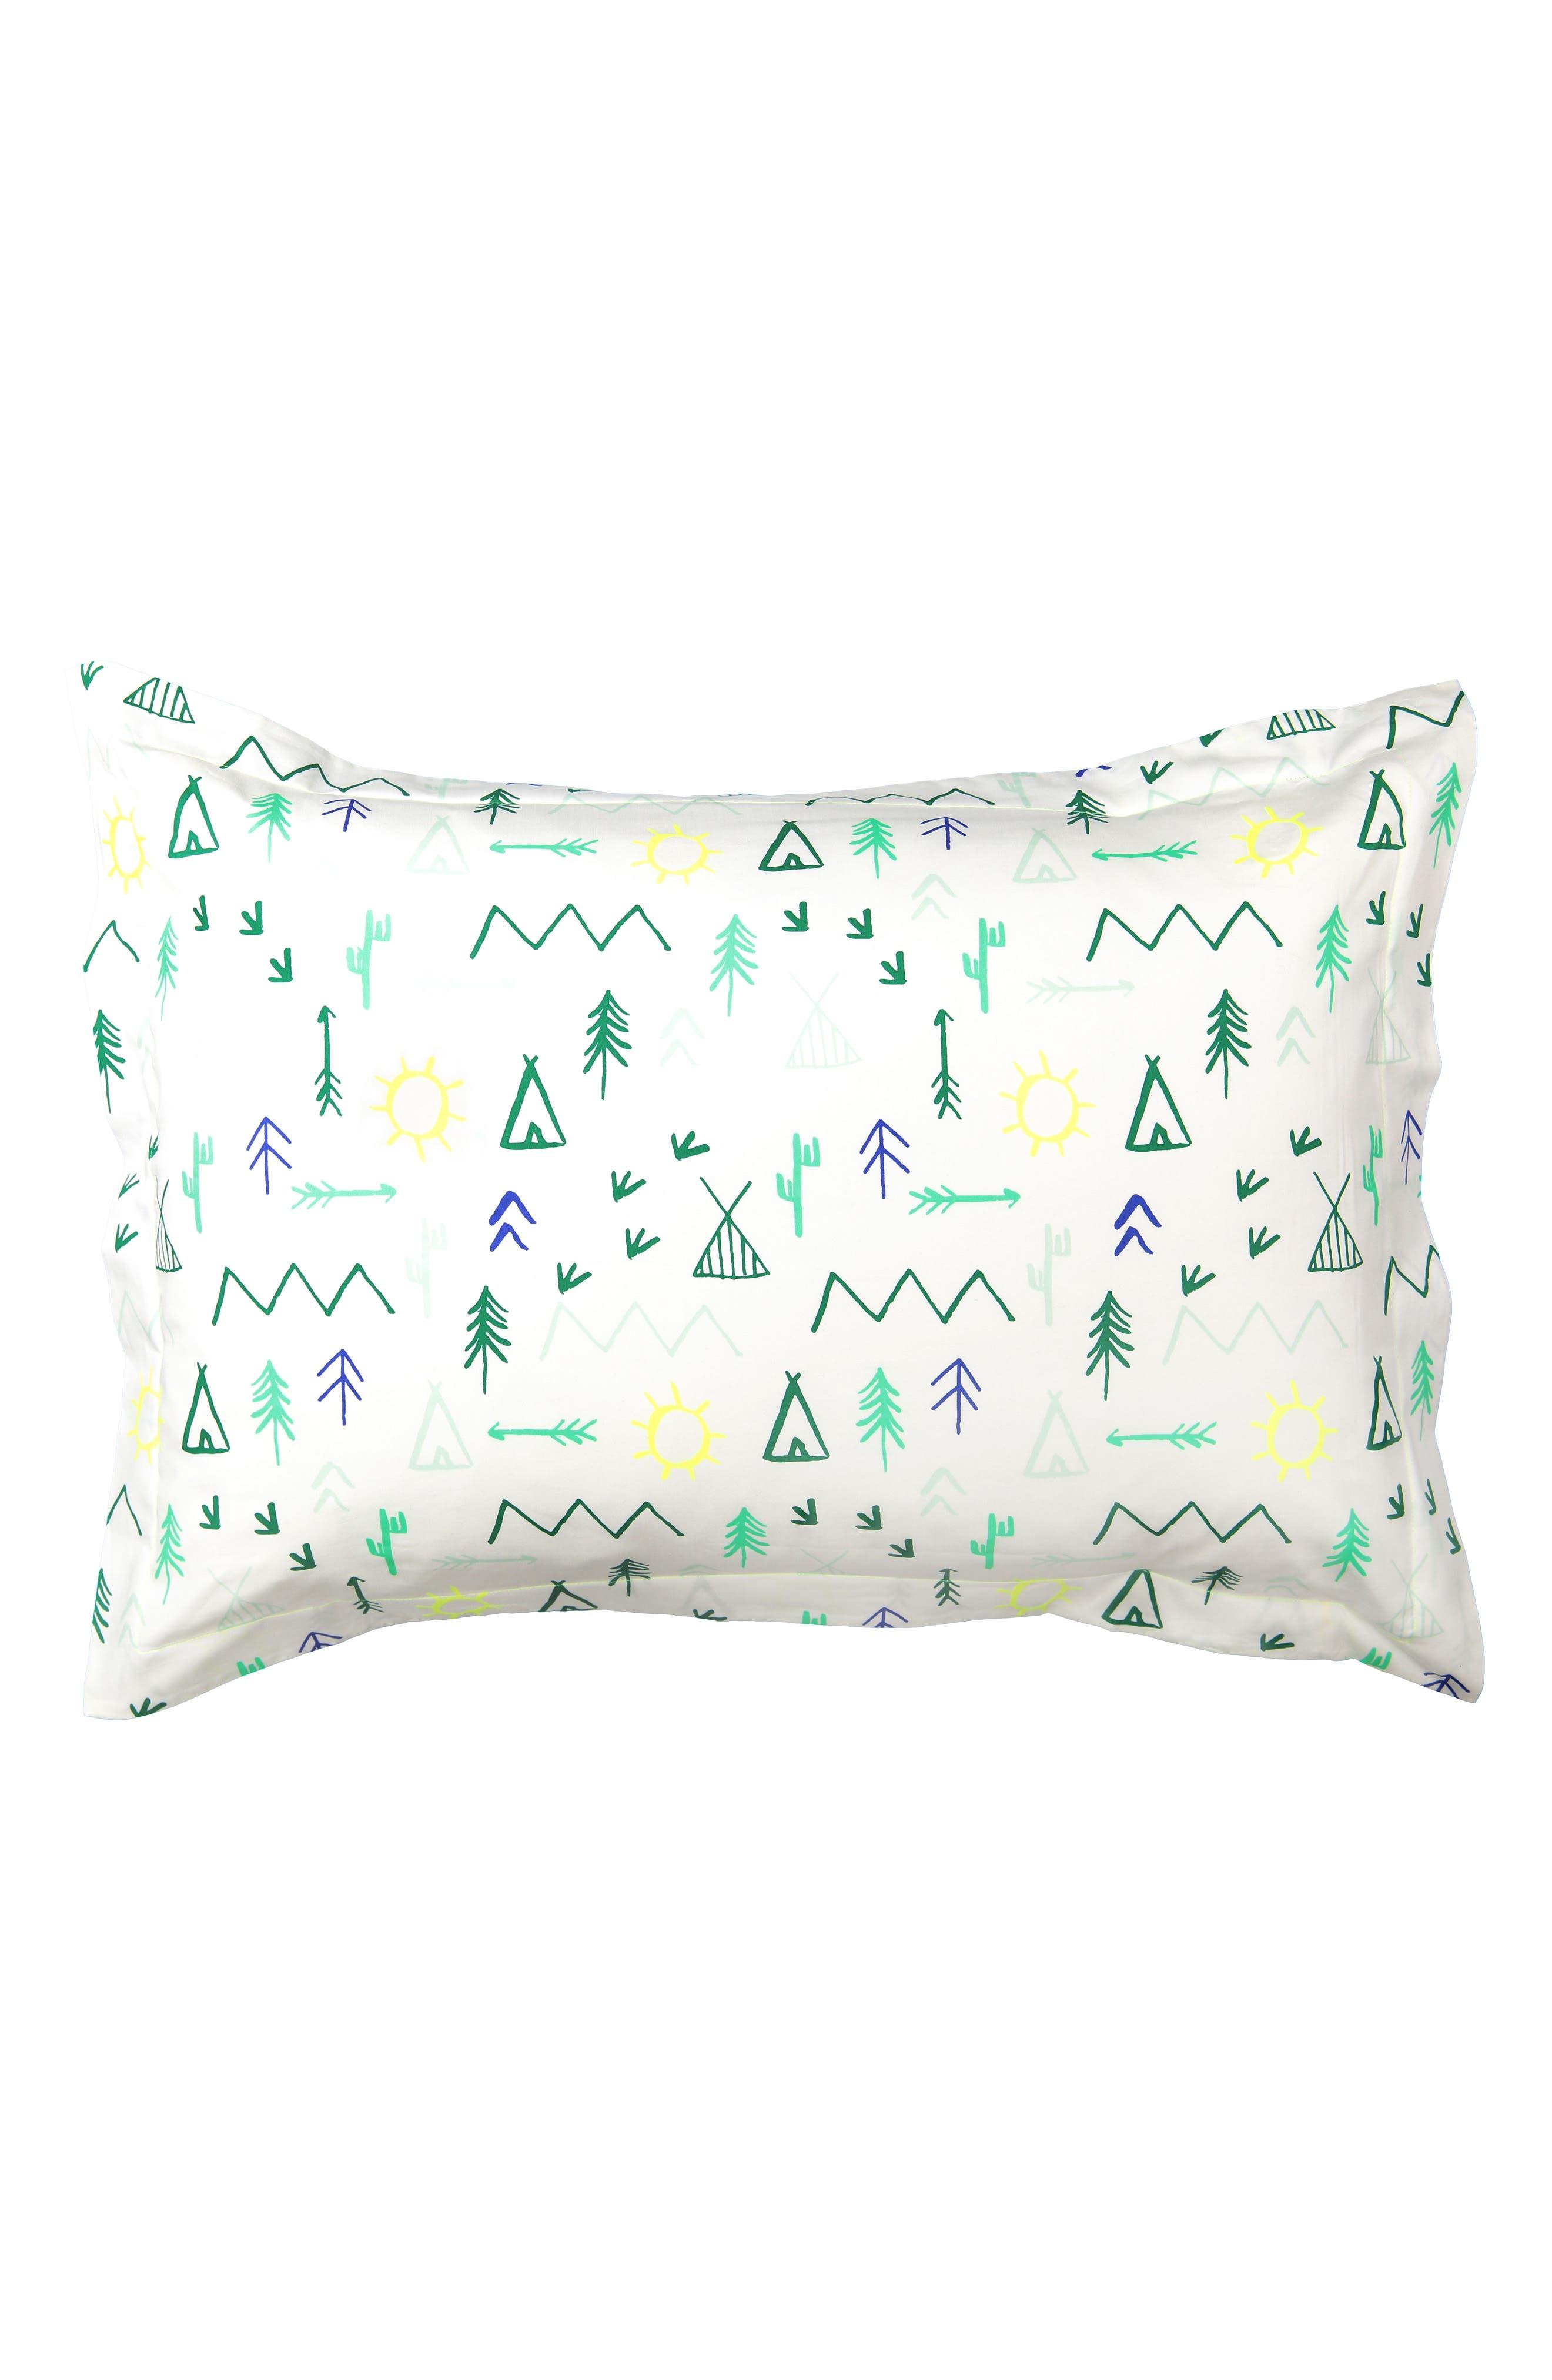 Main Image - Meri Meri Campground Set of 2 Organic Cotton Pillow Shams